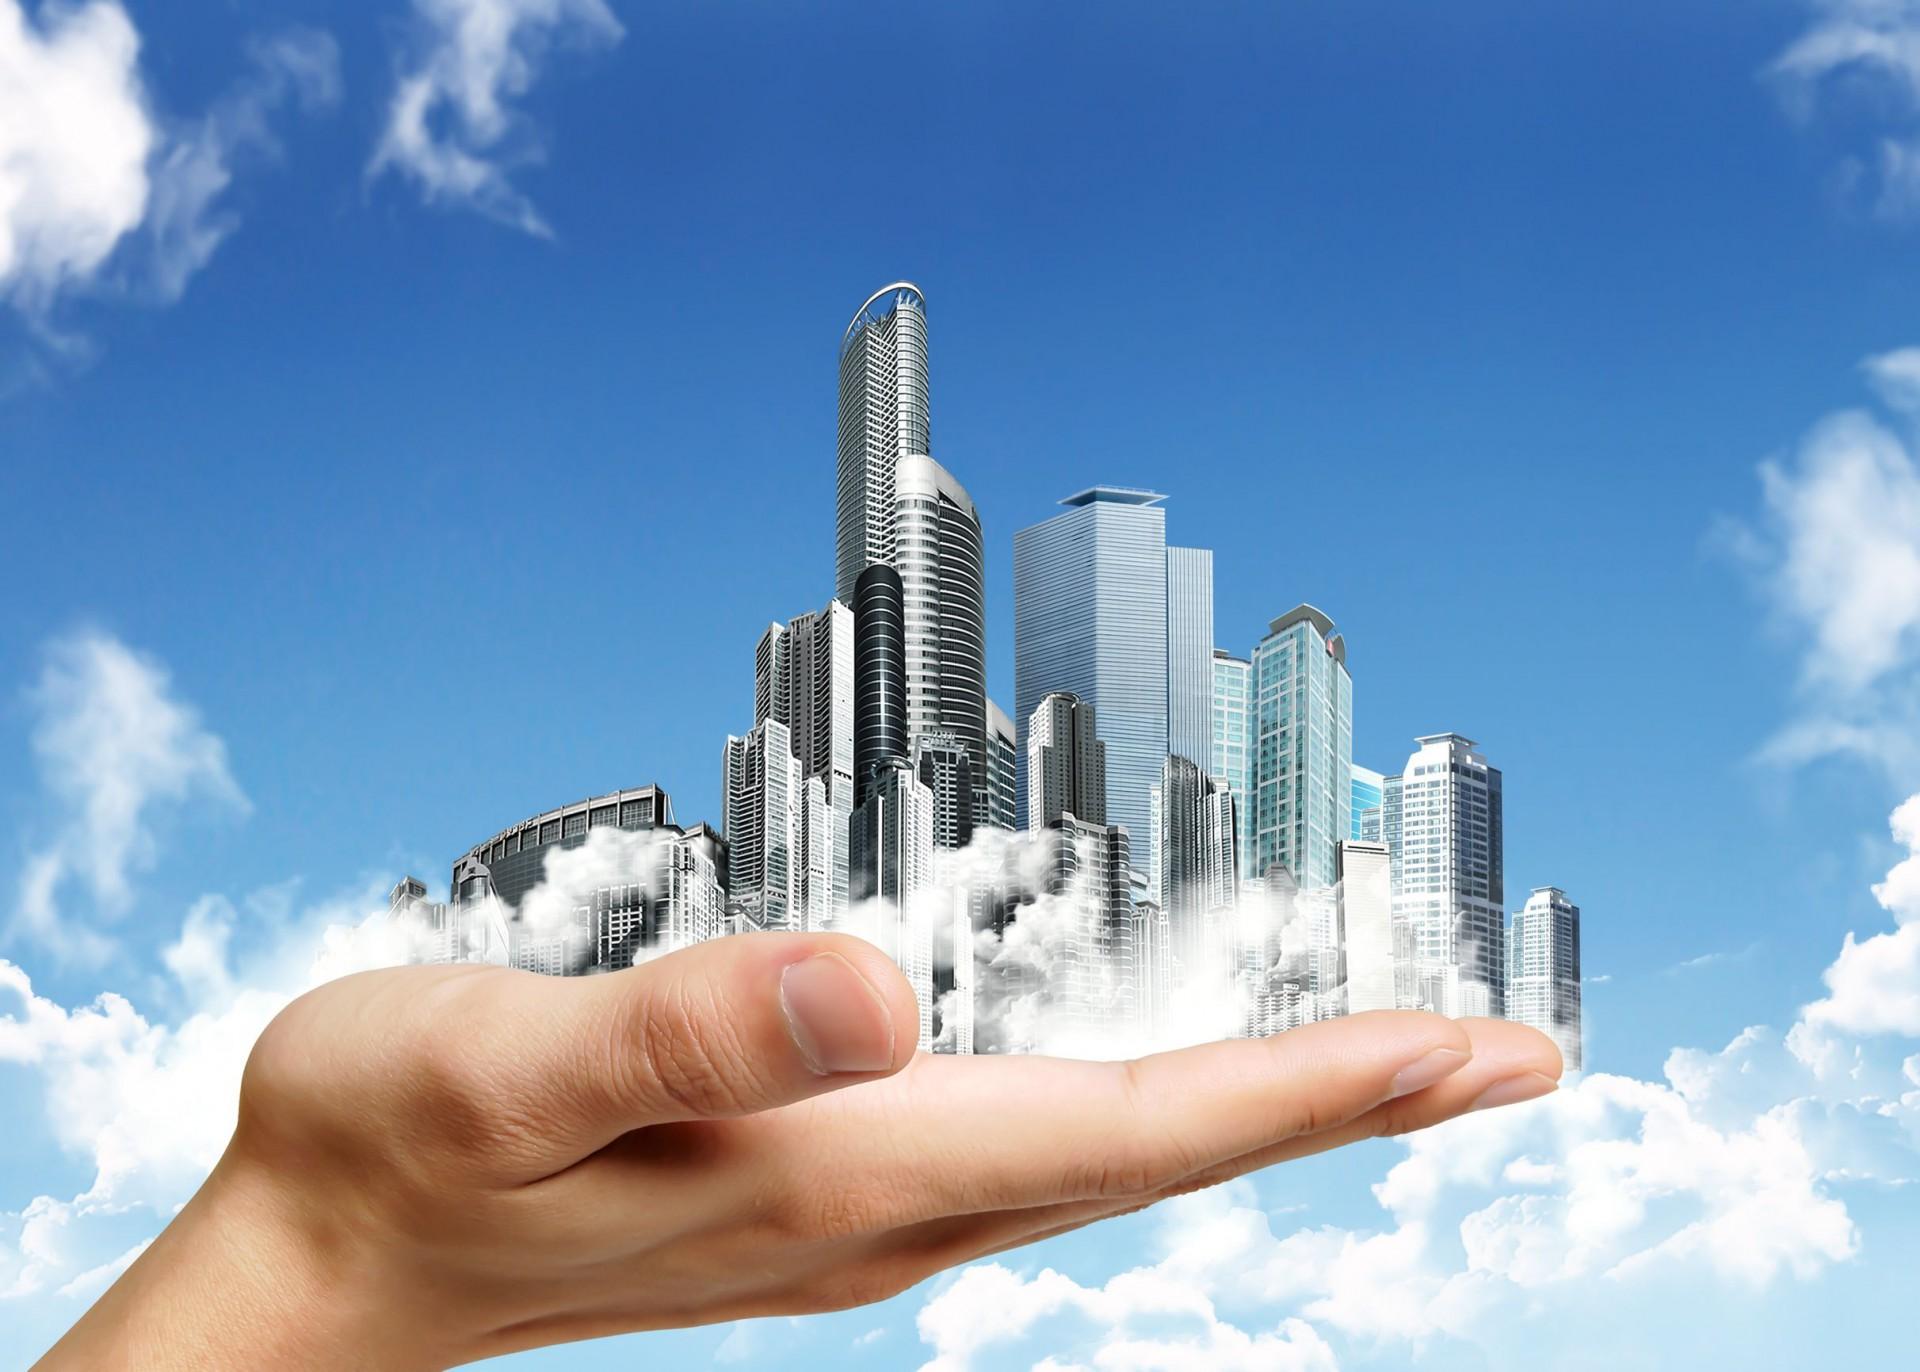 Bí quyết nghề môi giới bất động sản bạn cần biết